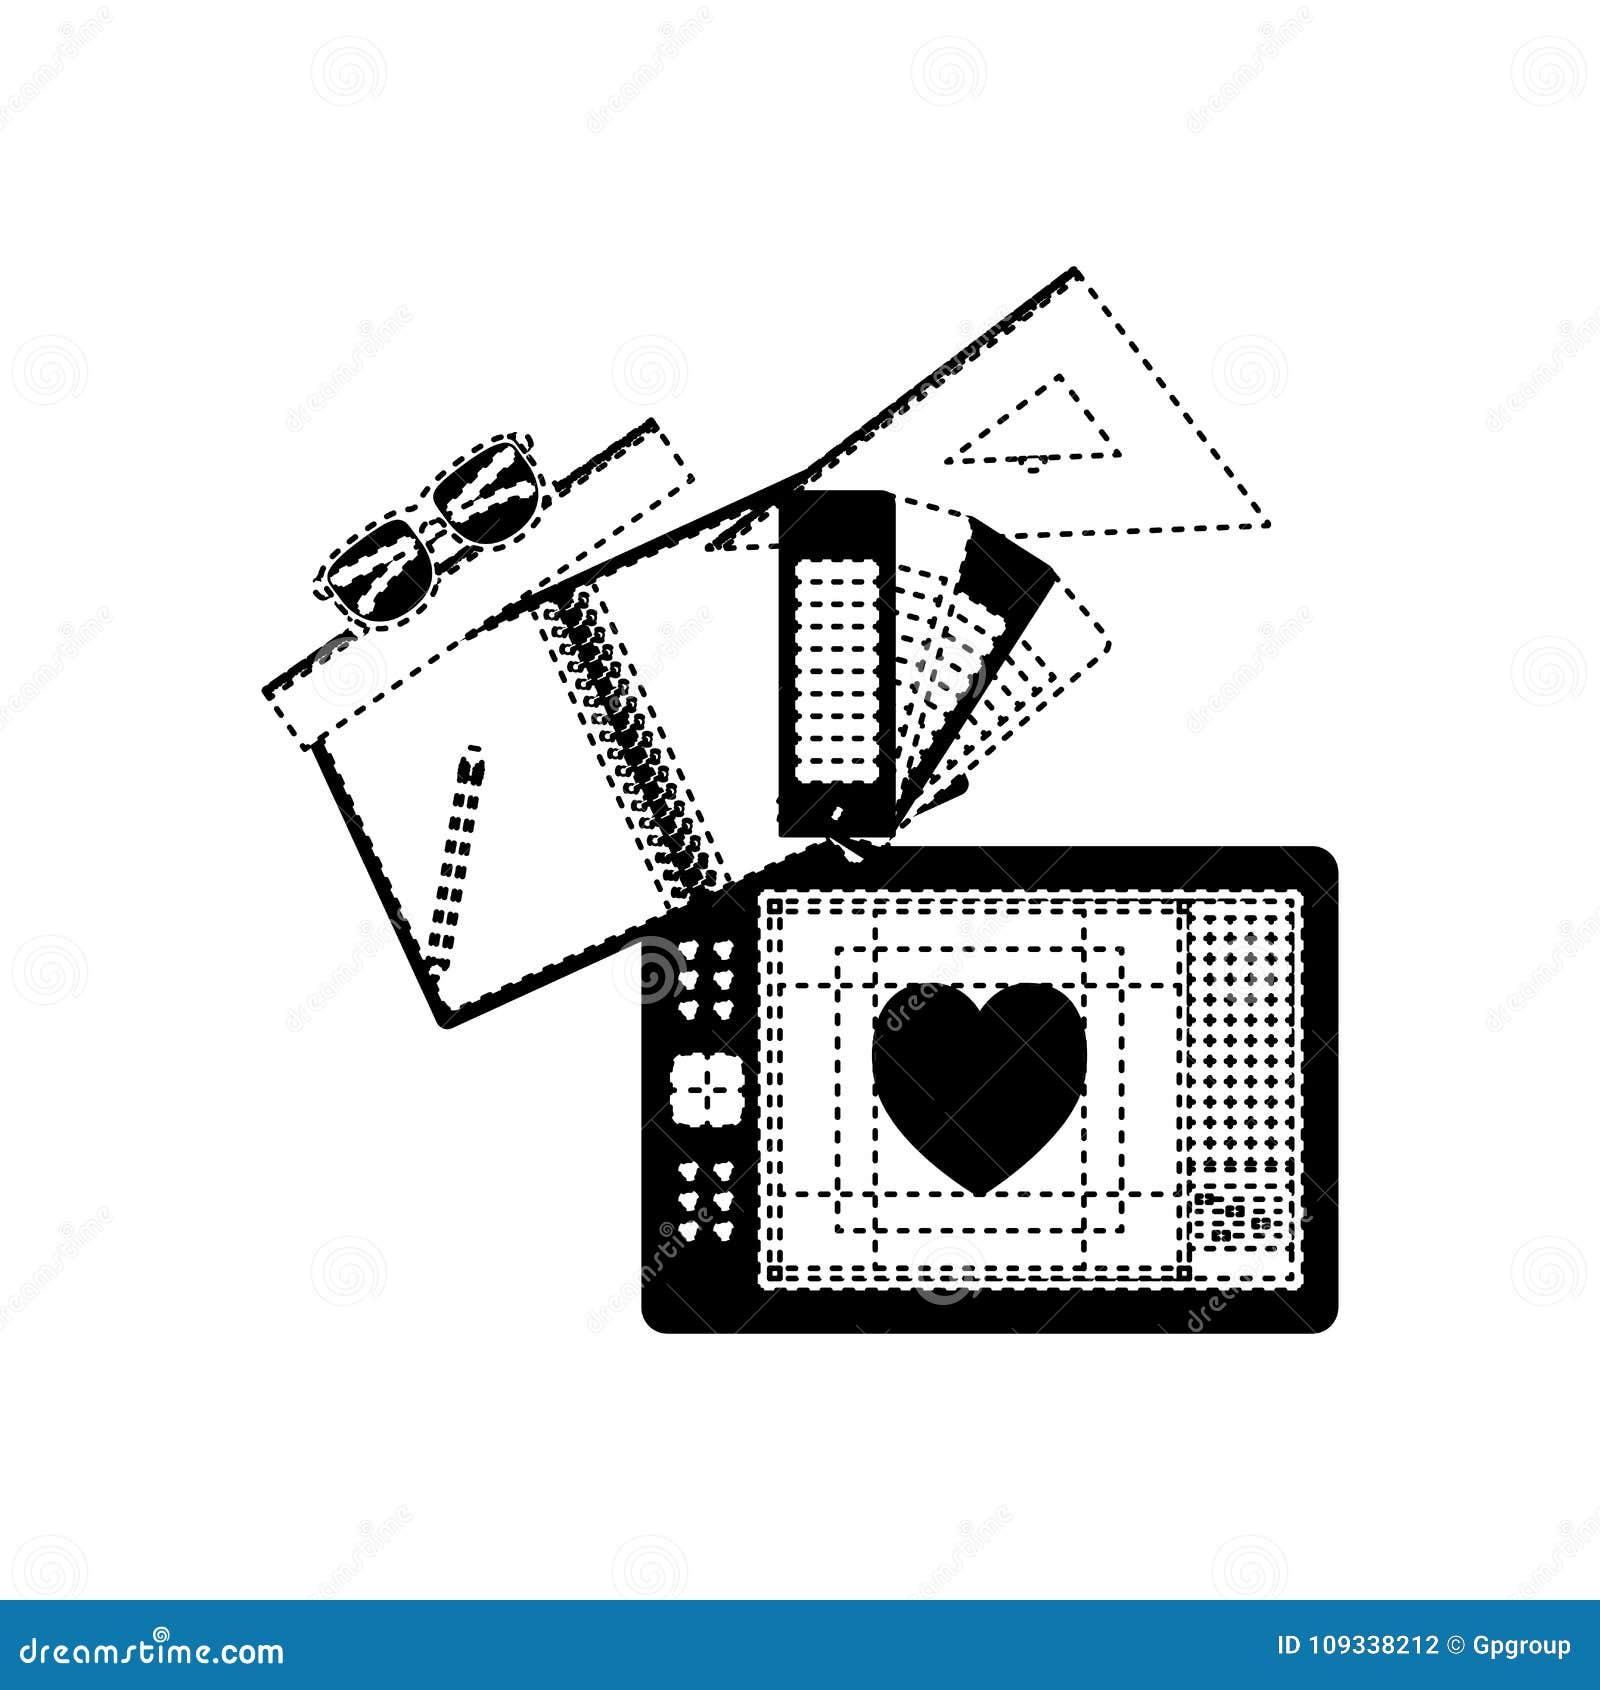 Notatnika i projekta narzędzia i pastylki digitizer w czerń kropkującym konturze